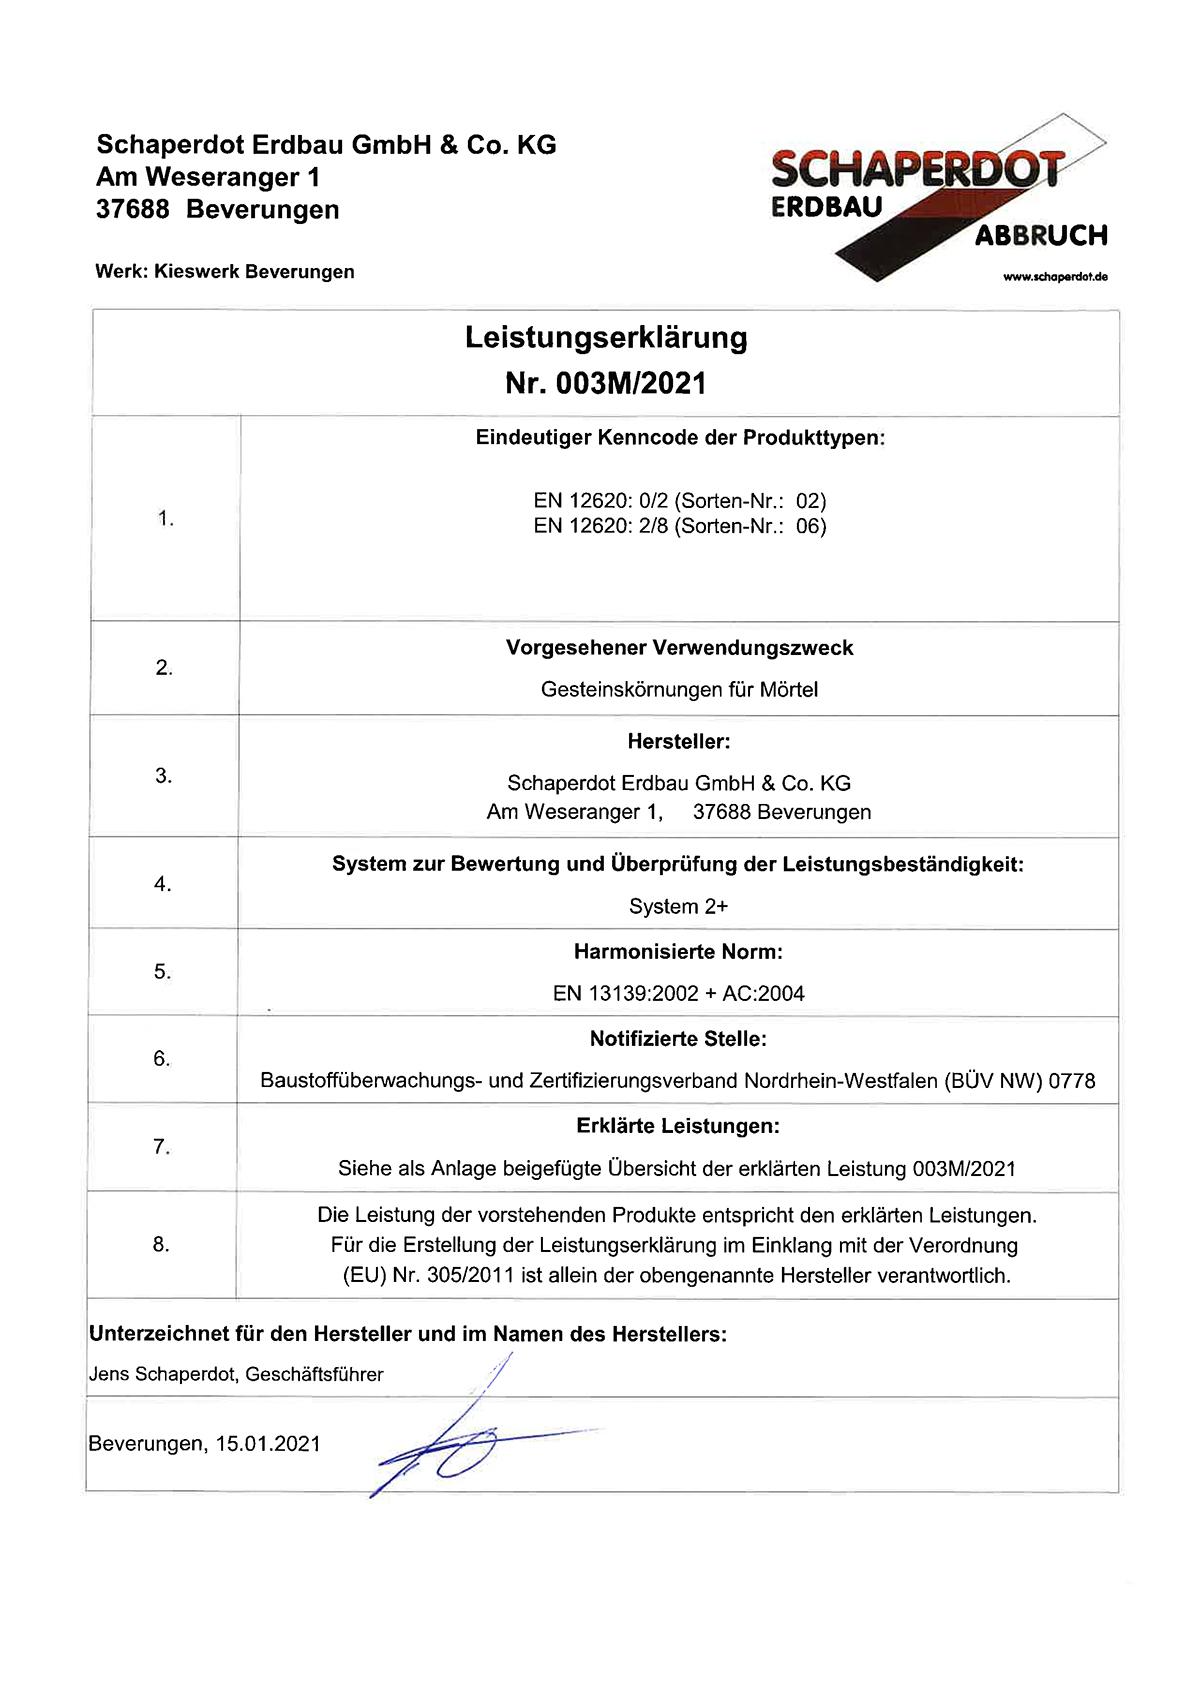 Leistungserklärung 003M 2021